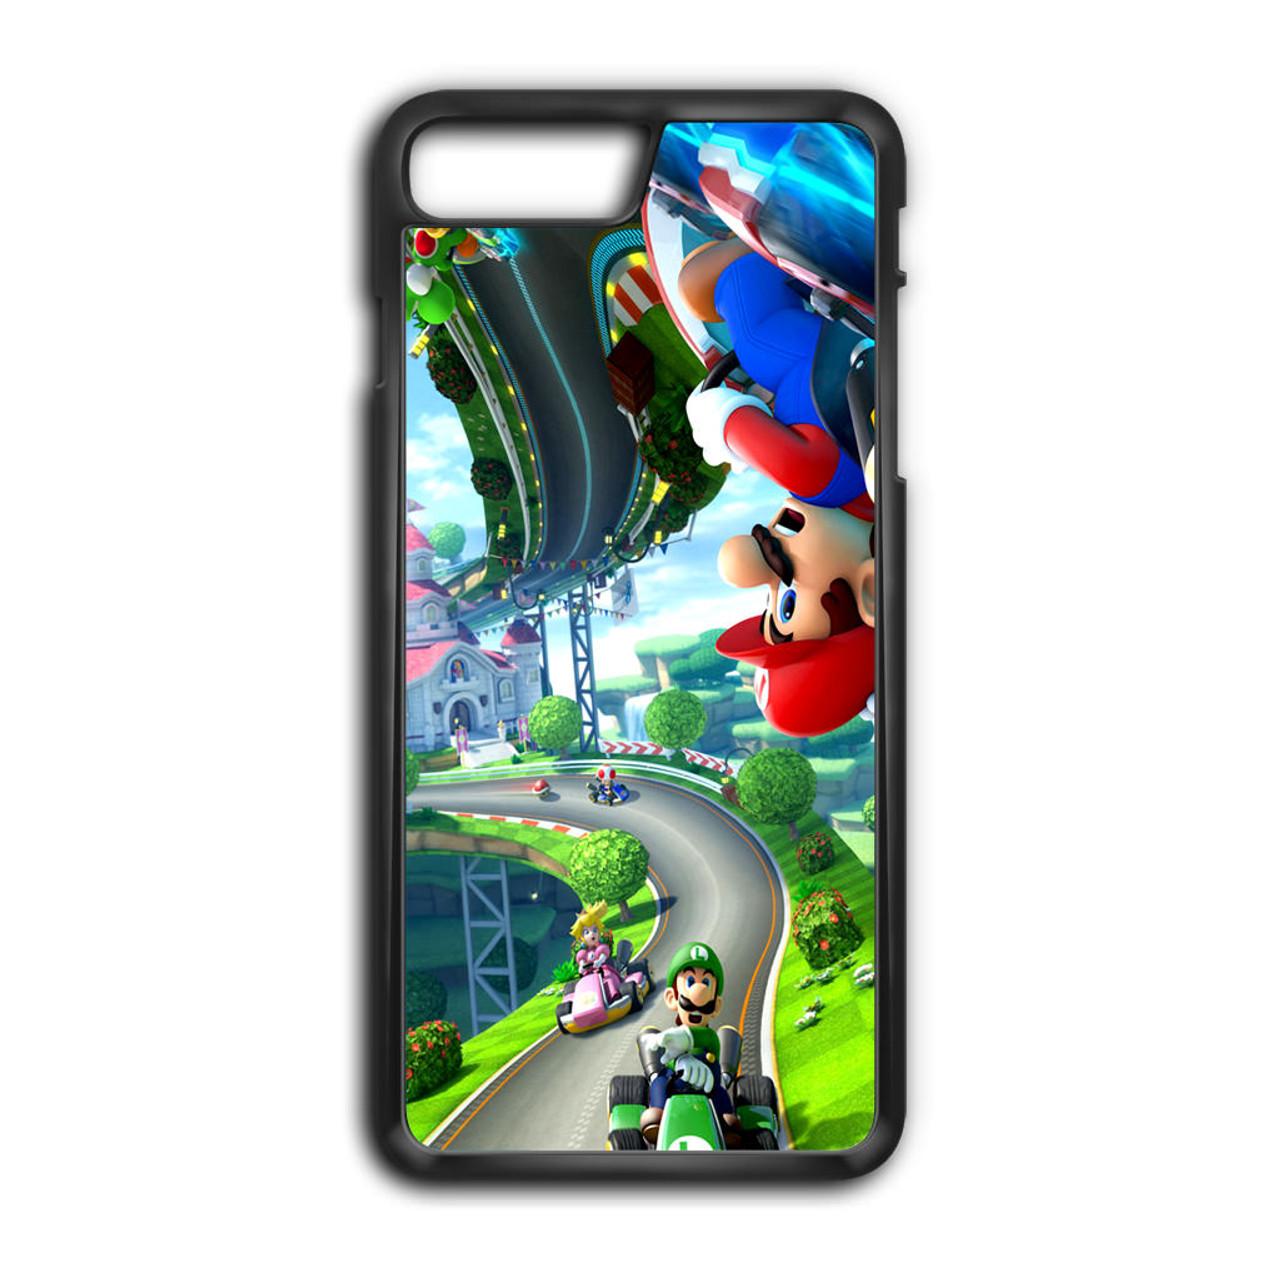 iphone 7 case mario